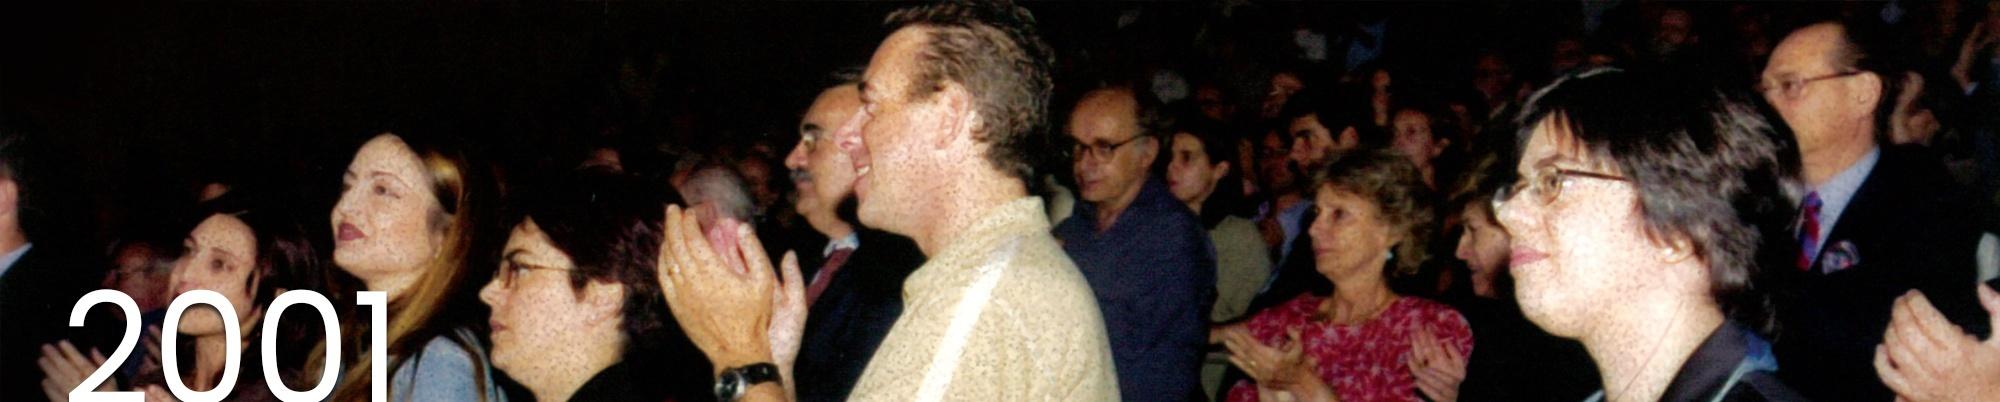 Festival de Almada 2001